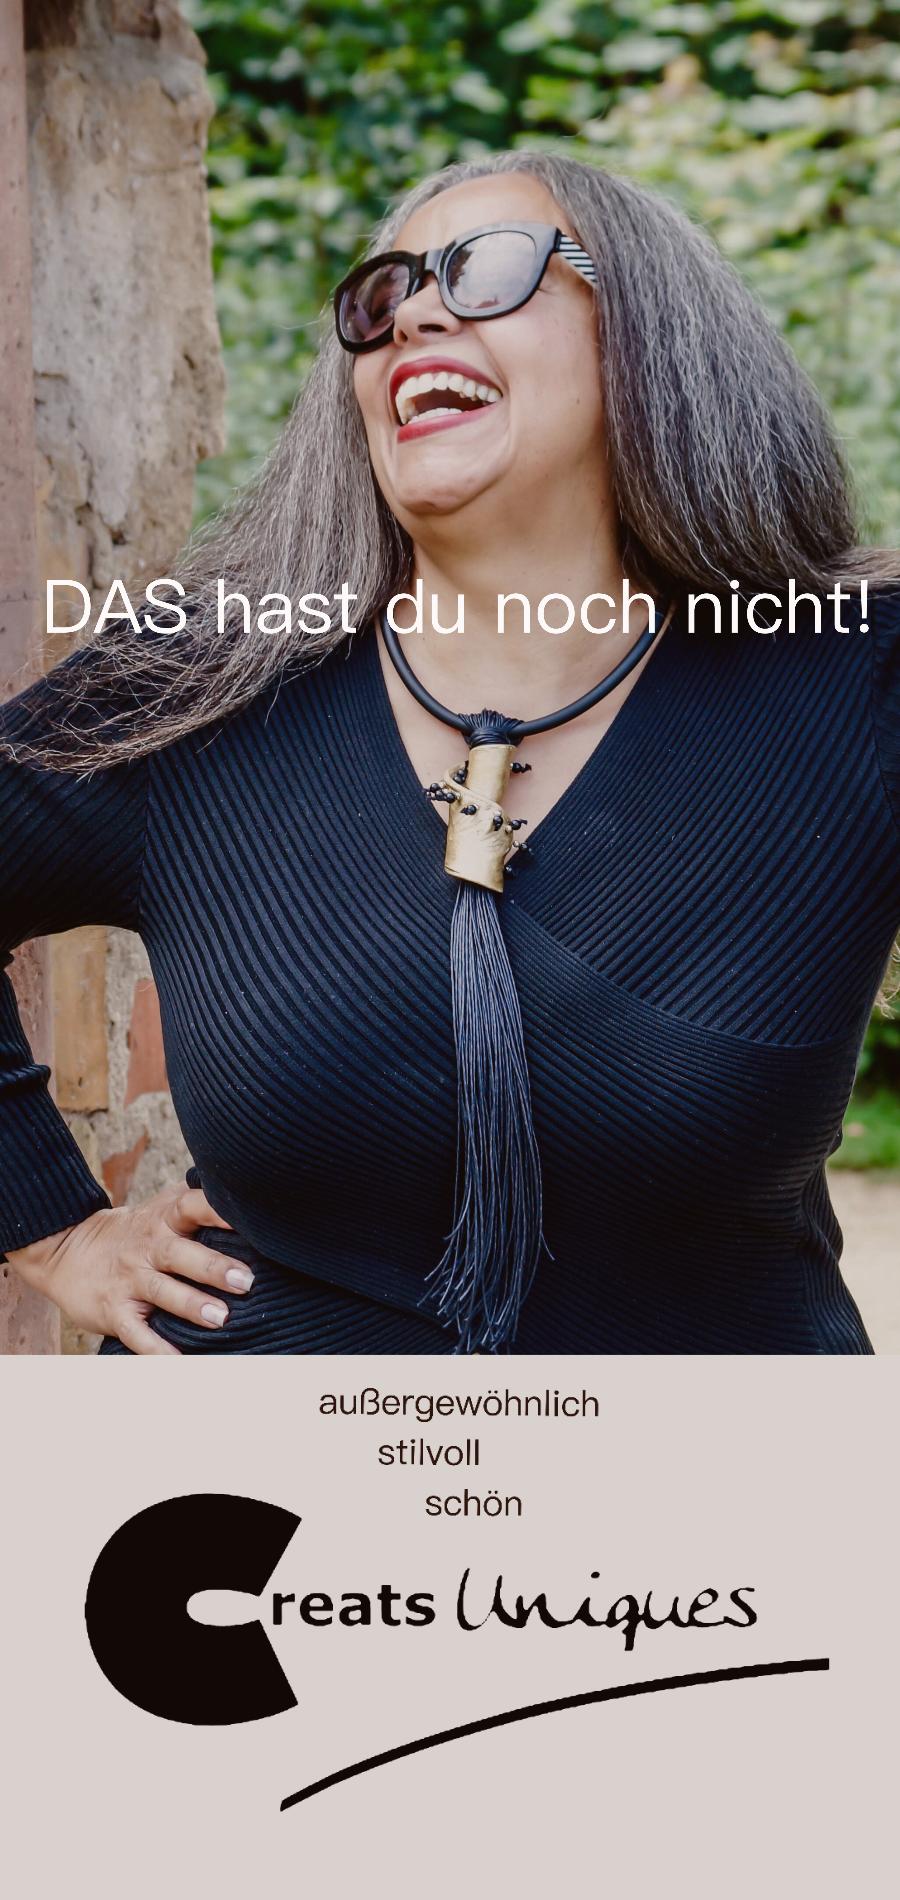 Perfekt Um Auch Im Urlaub Nicht Auf Style Verzichten Zu Mussen Women Fashion Pinterest Photography